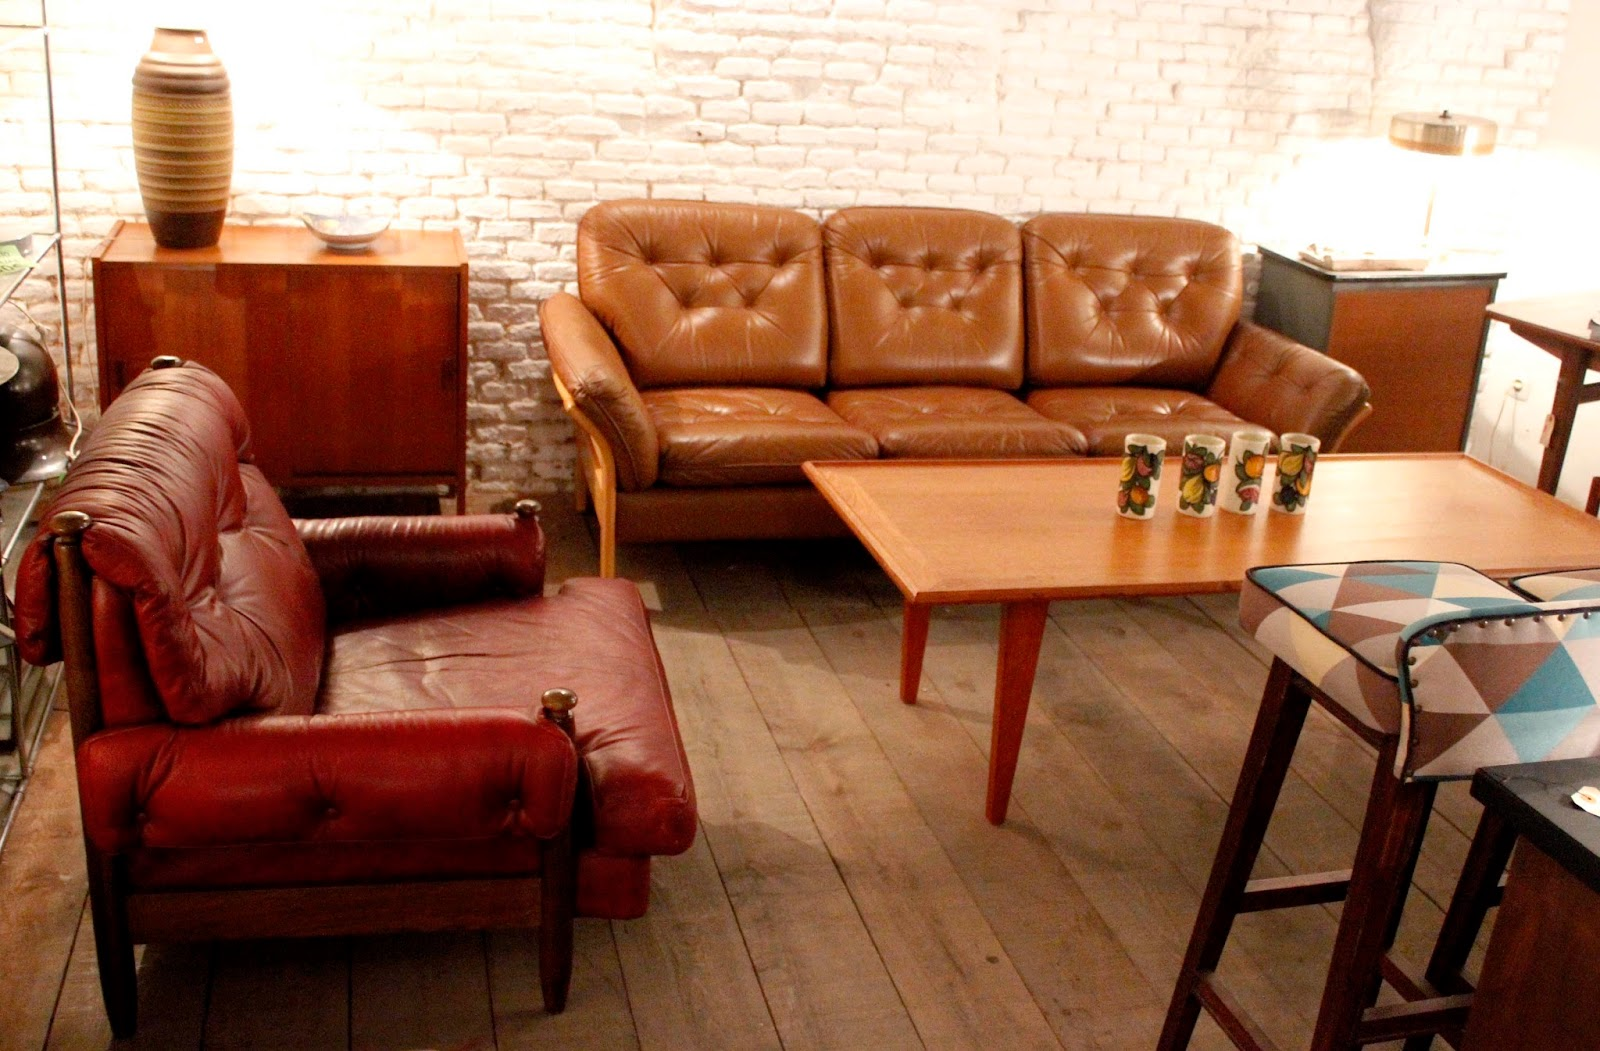 Tiendas de decoracion baratas - Casas de muebles en madrid ...